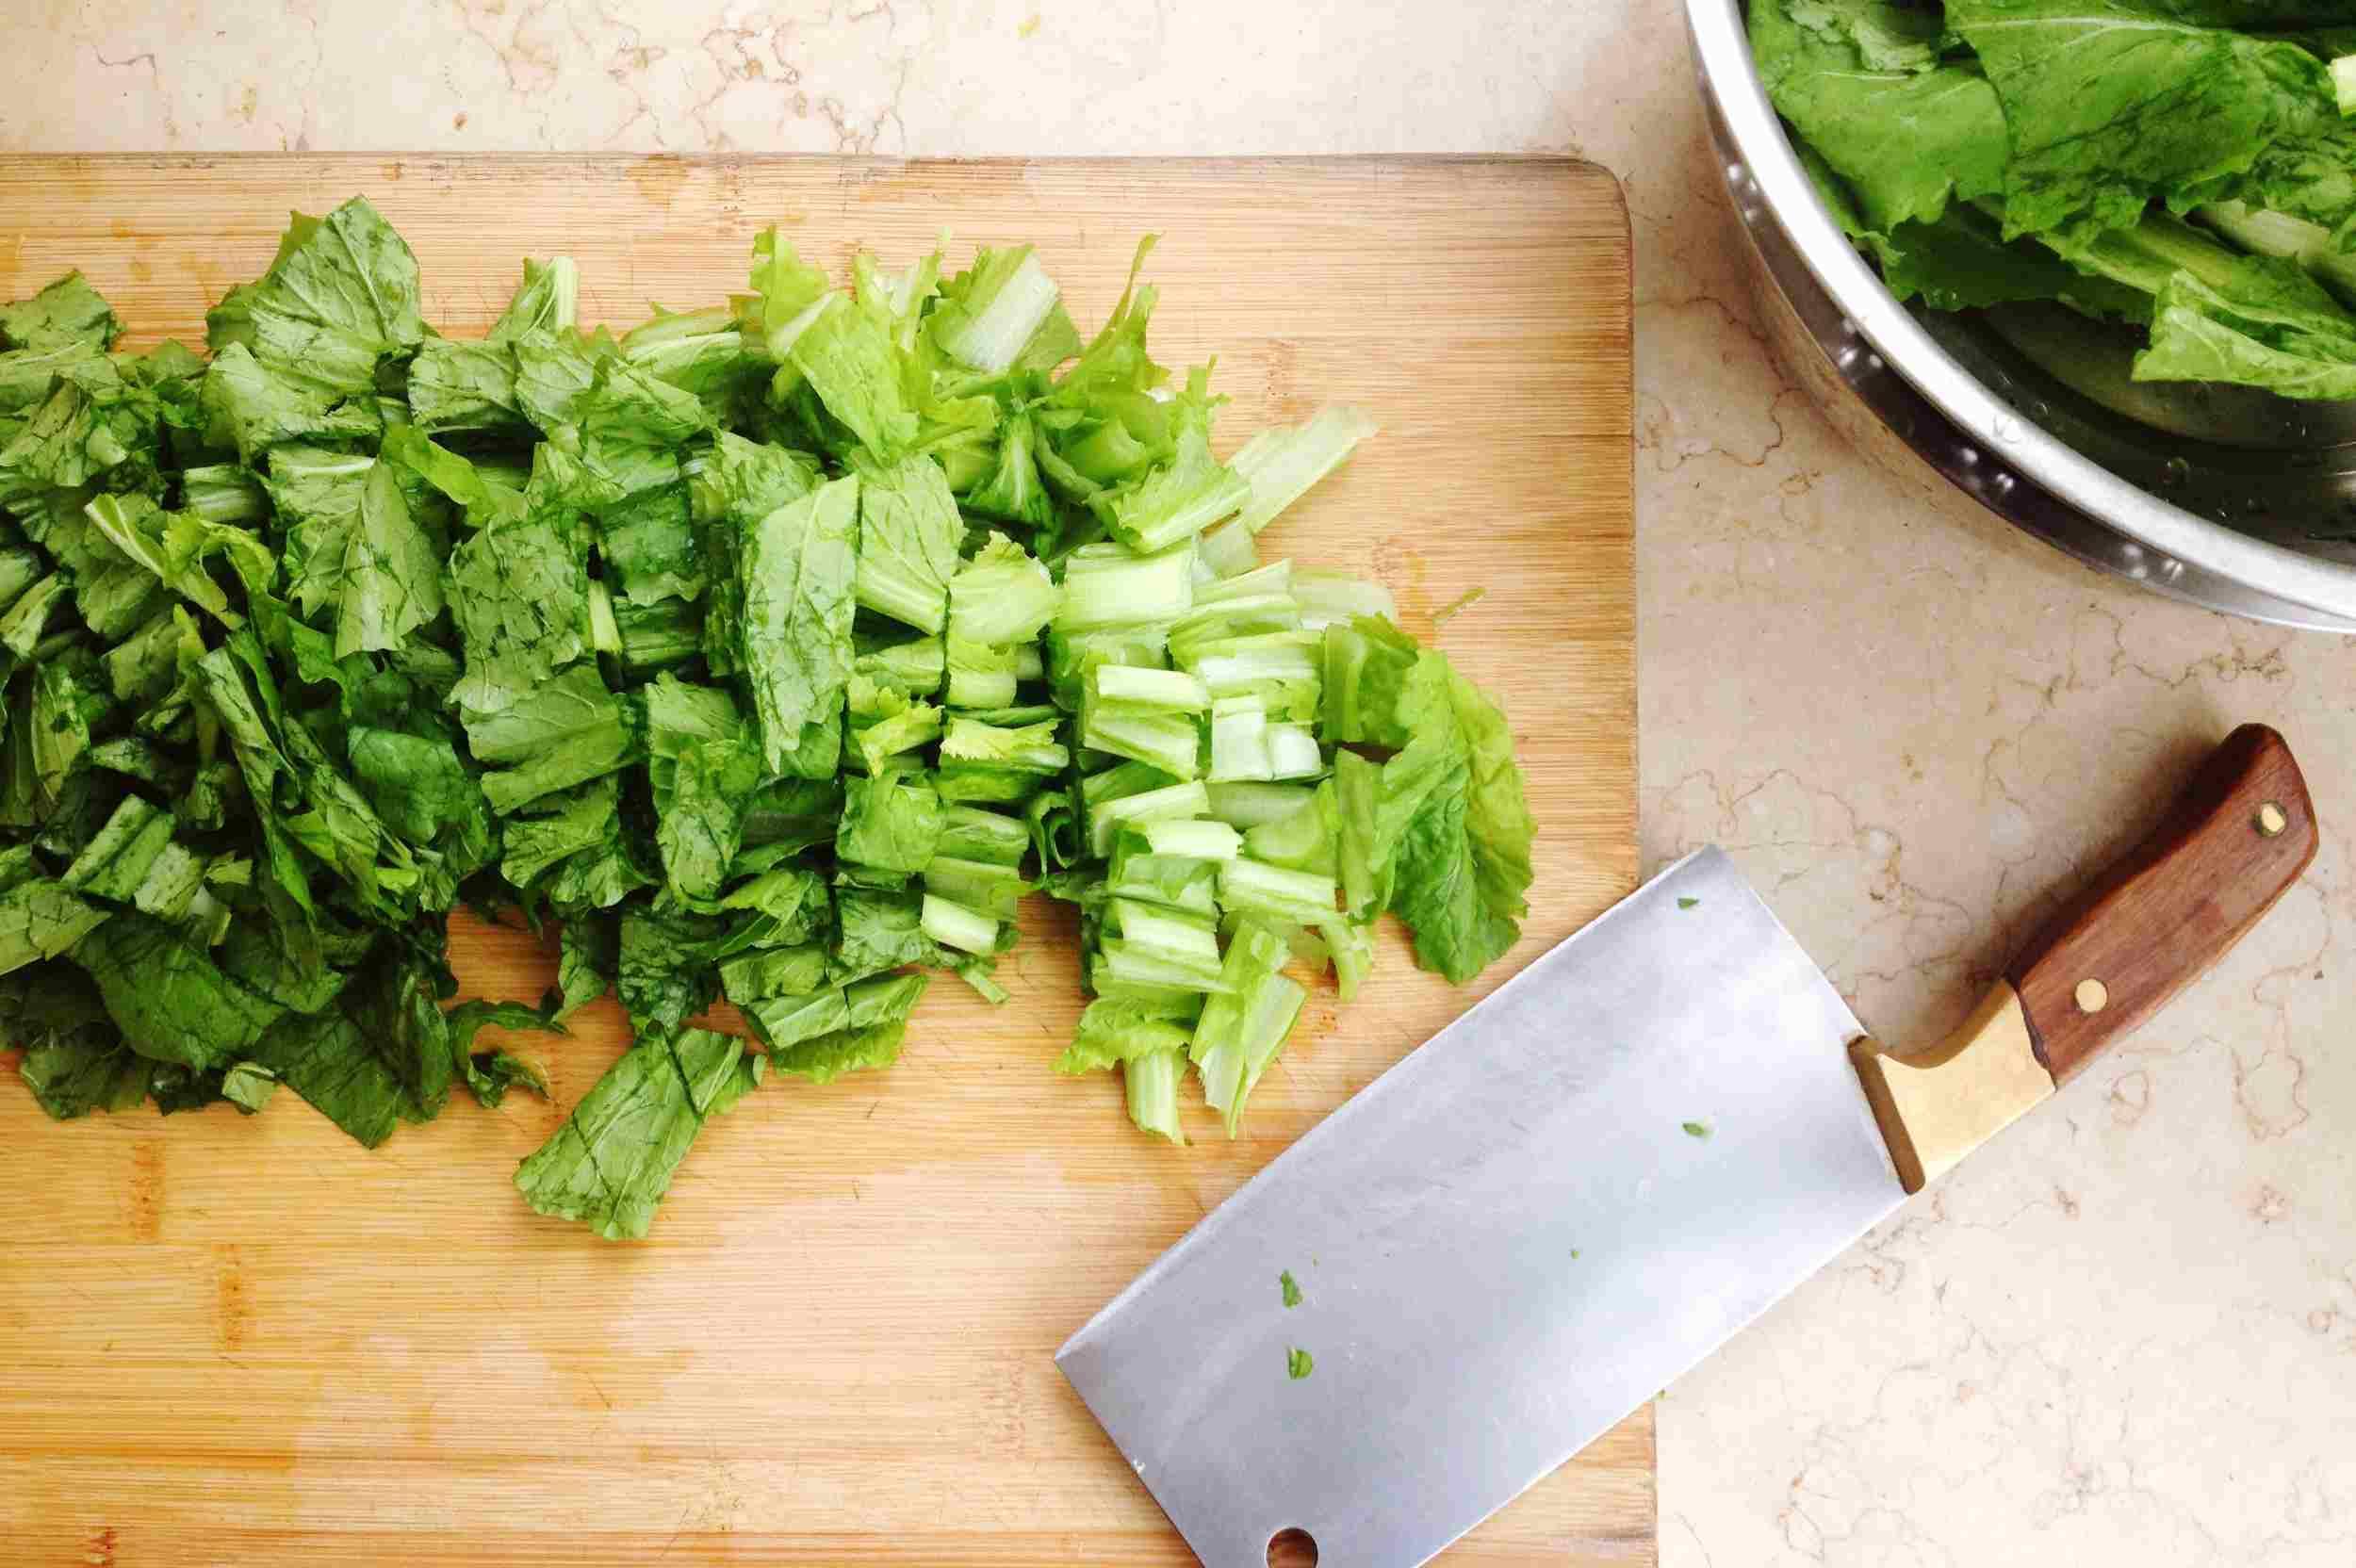 Chopped lettuce on cutting board